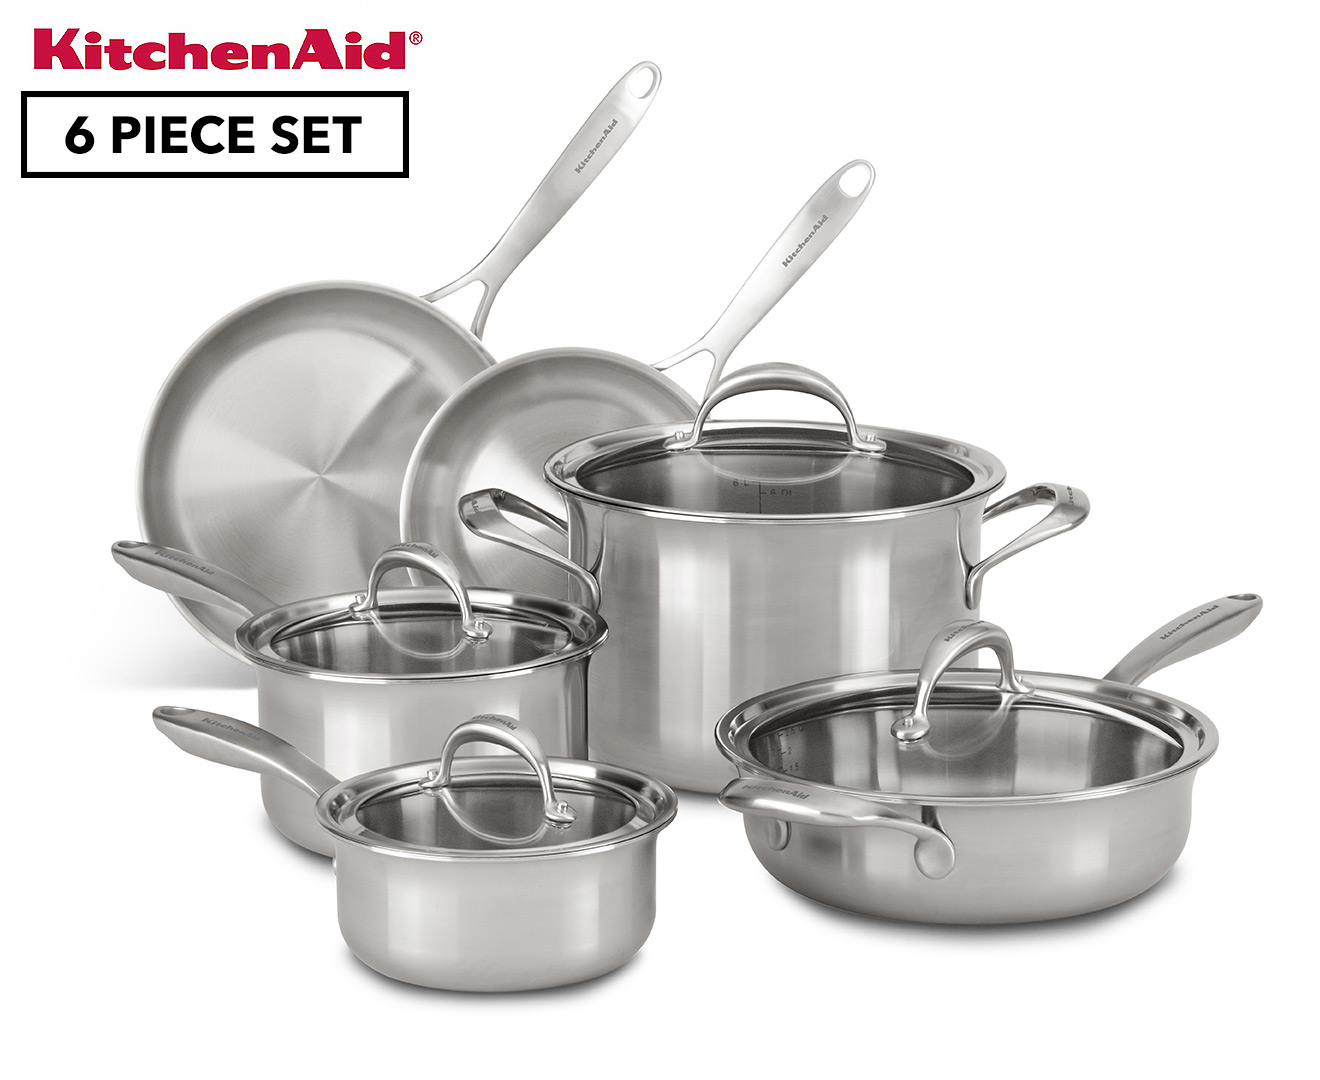 Kitchenaid copper core cookware 6 piece set silver for Kitchen set deals